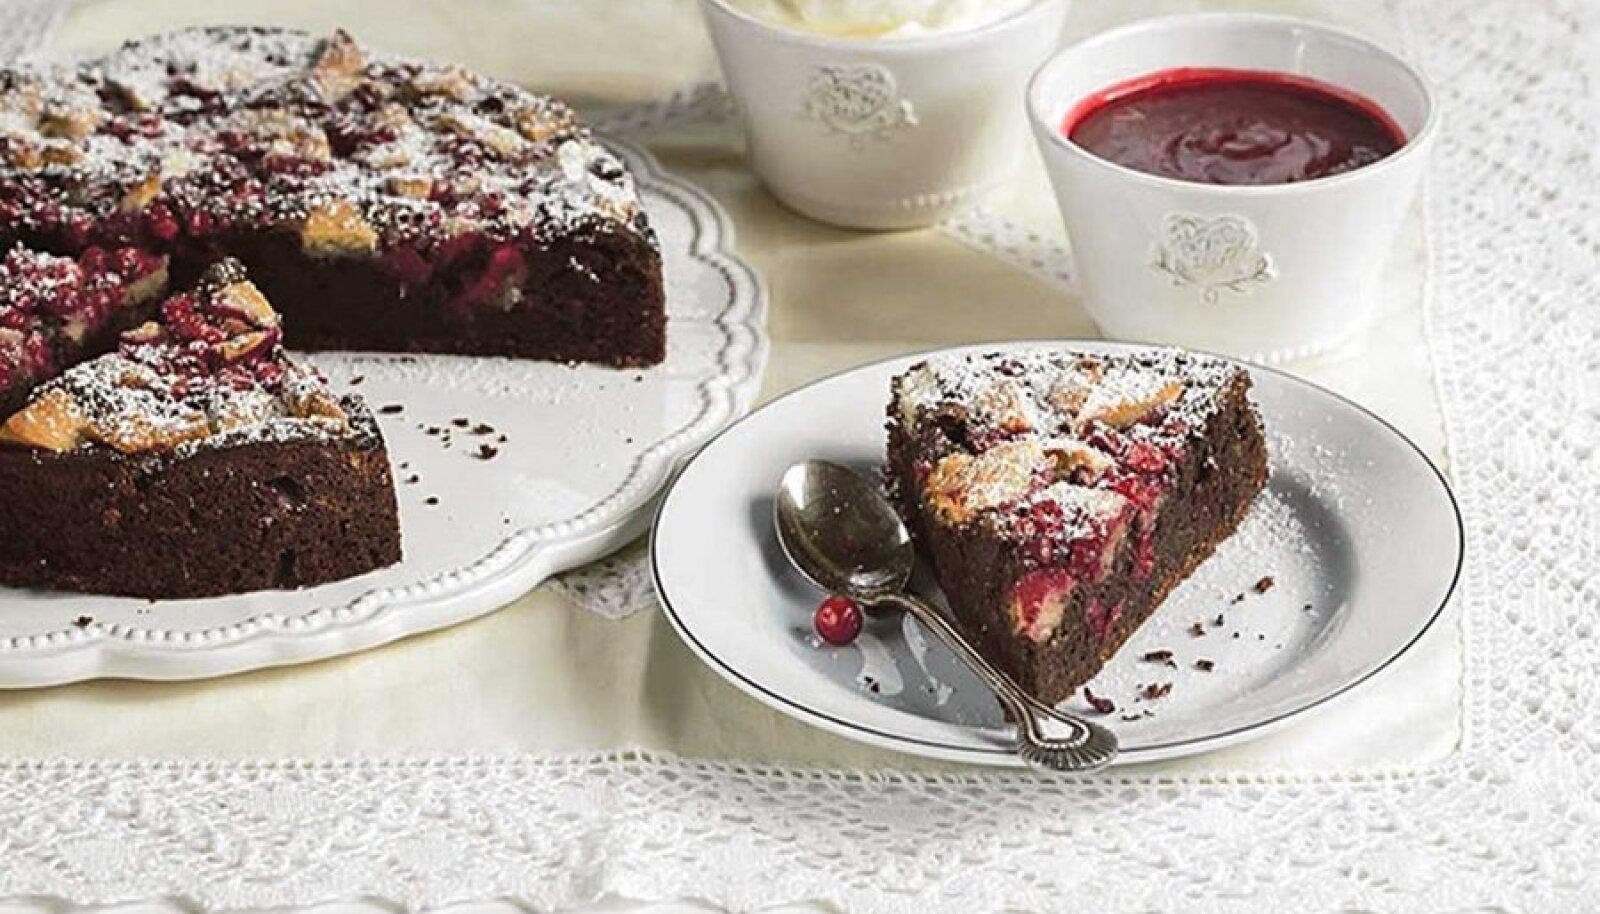 Šokolaadikook marjade ja martsipaniga